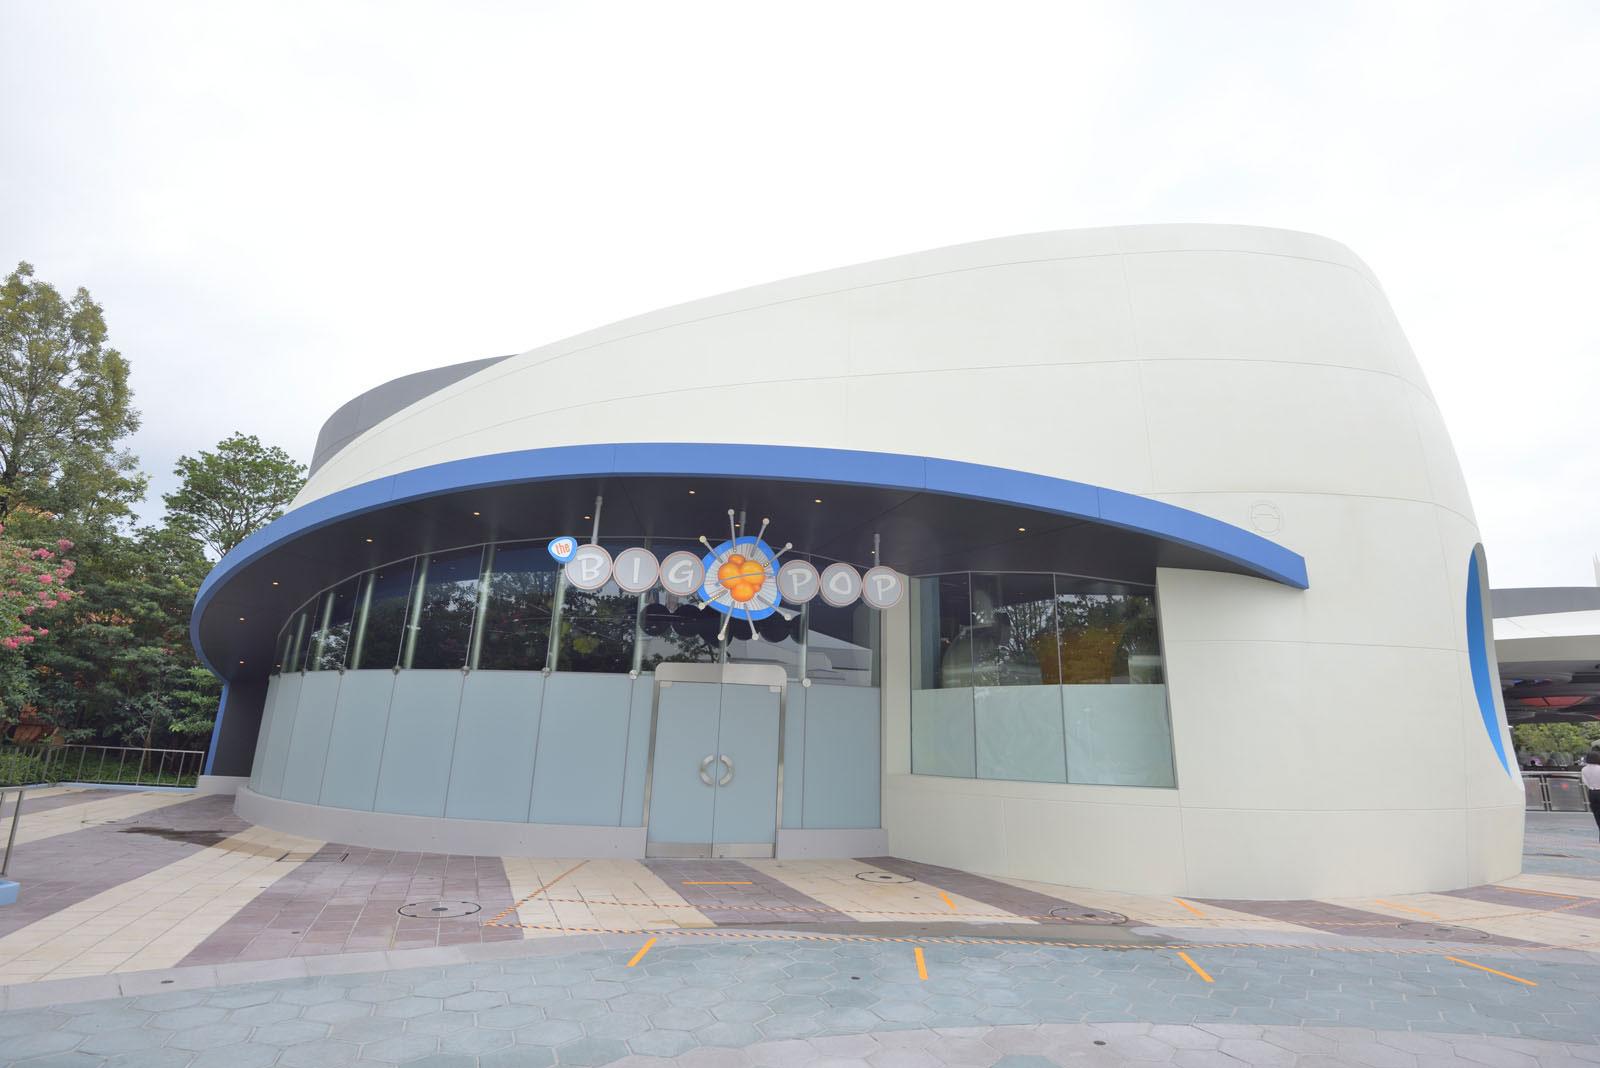 東京ディズニーランド 新エリア ビッグポップ